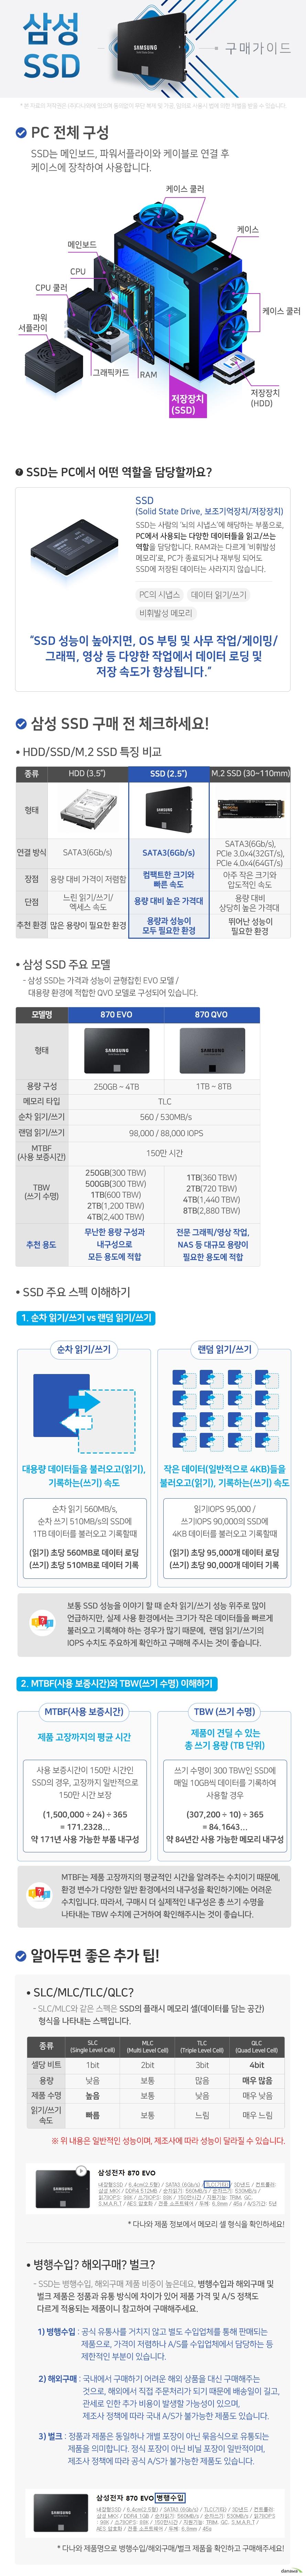 삼성 2.5인치 SSD 구매가이드 SSD는 PC에서 사용되는 다양한 데이터들을 읽고/쓰는 역할을 담당합니다. SSD 성능이 높아지면 OS 부팅 및 사무작업 게이밍 그래픽 영상 등 다양한 작업에서 데이터 로딩 및 저장 속도가 향상됩니다.  2,5인치 SSD 장점 컴팩트한 크기와 빠른 속도 단점 용량 대비 높은 가격대 추천 환경 용량과 성능이 모두 필요한 환경  삼성 SSD 주요 모델 870EVO 870QVO  870EVO는 무난한 용량 구성과 내구성으로 모든 용도에 적합합니다. 870QVO는 전문 그래픽 영상 작업 및 NAS등 대규모 용량이 필요한 용도에 적합합니다.